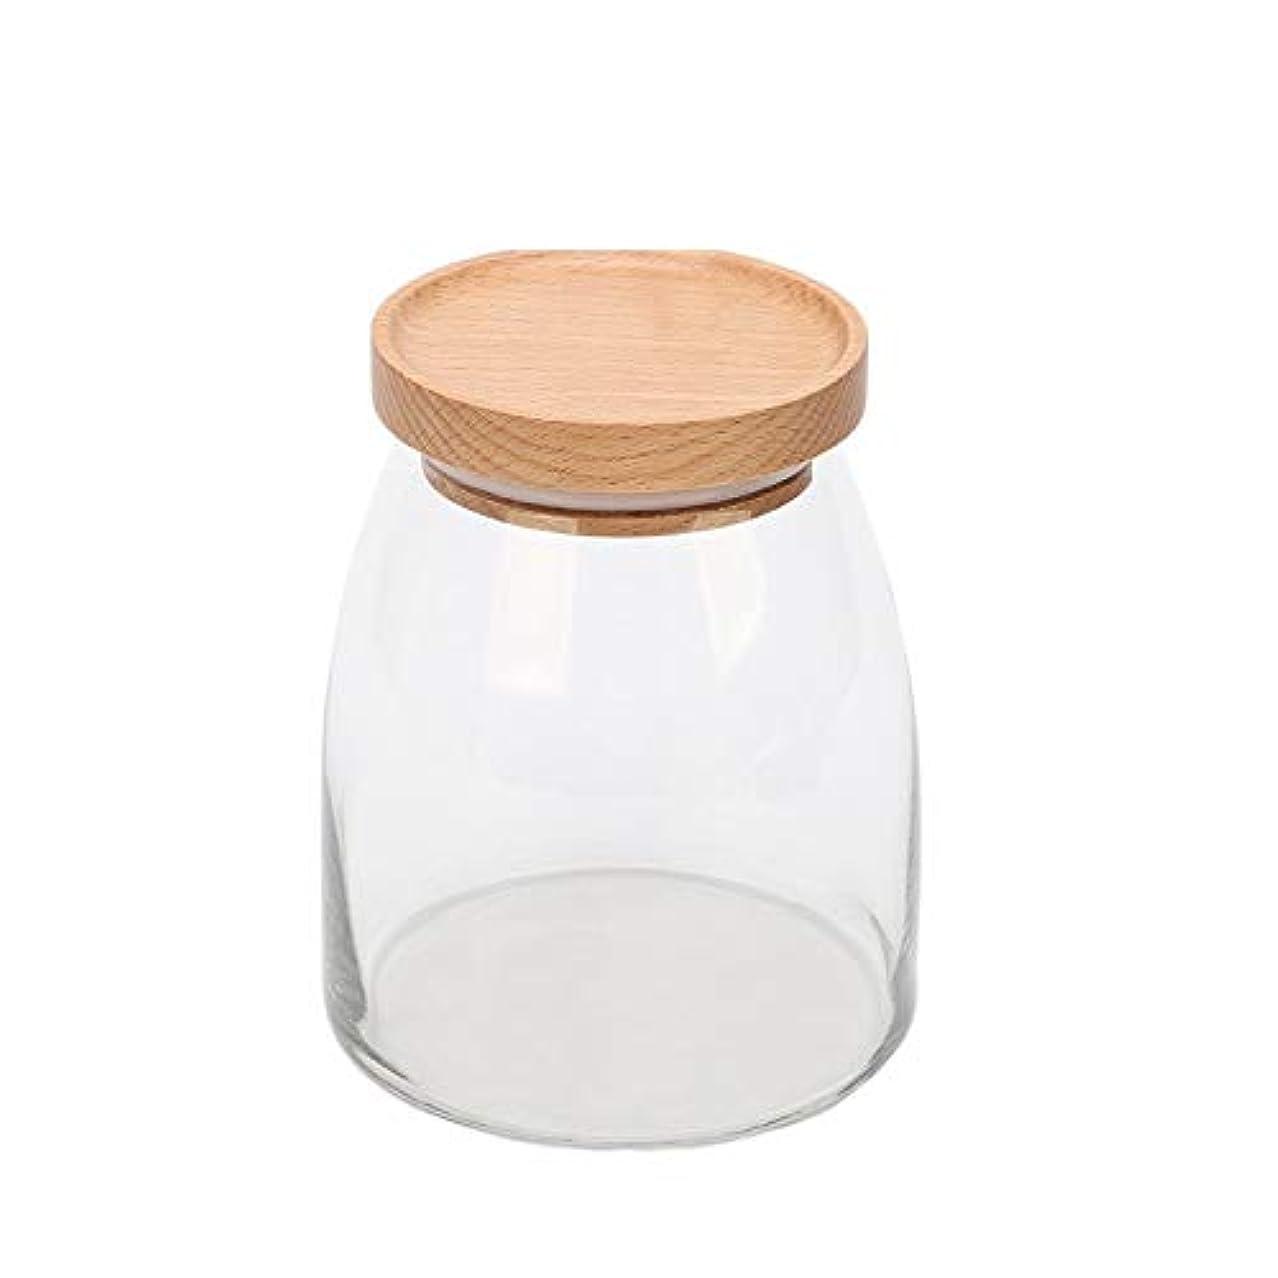 ぎこちない犬ために貯蔵タンク、透明ガラス貯蔵タンク、家庭用食品、茶瓶